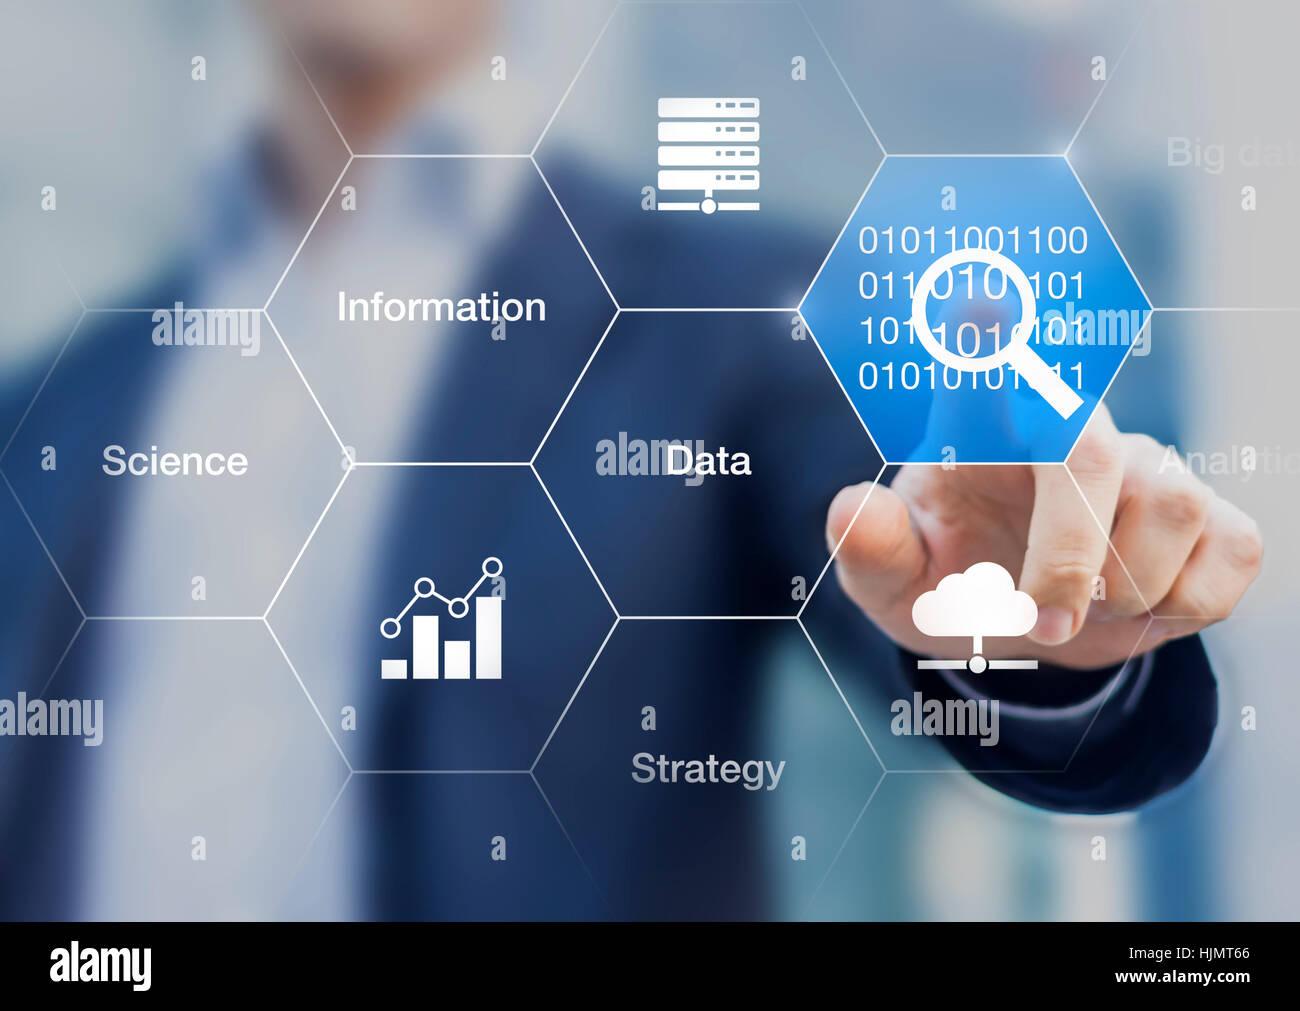 Daten-Technologie-Konzept mit Wörtern und Symbolen über Wissenschaft, Informationen, Analysen, Strategie Stockbild